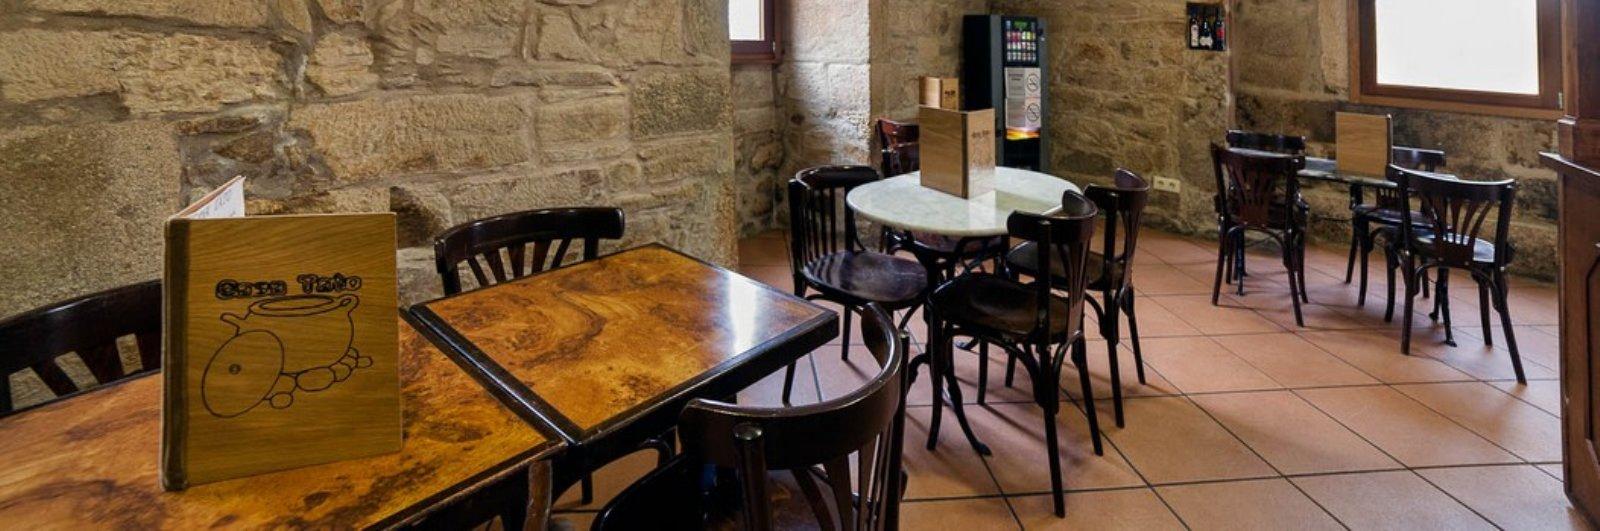 casa de comidas santiago de compostela. Tapas en Santiago de Compostela